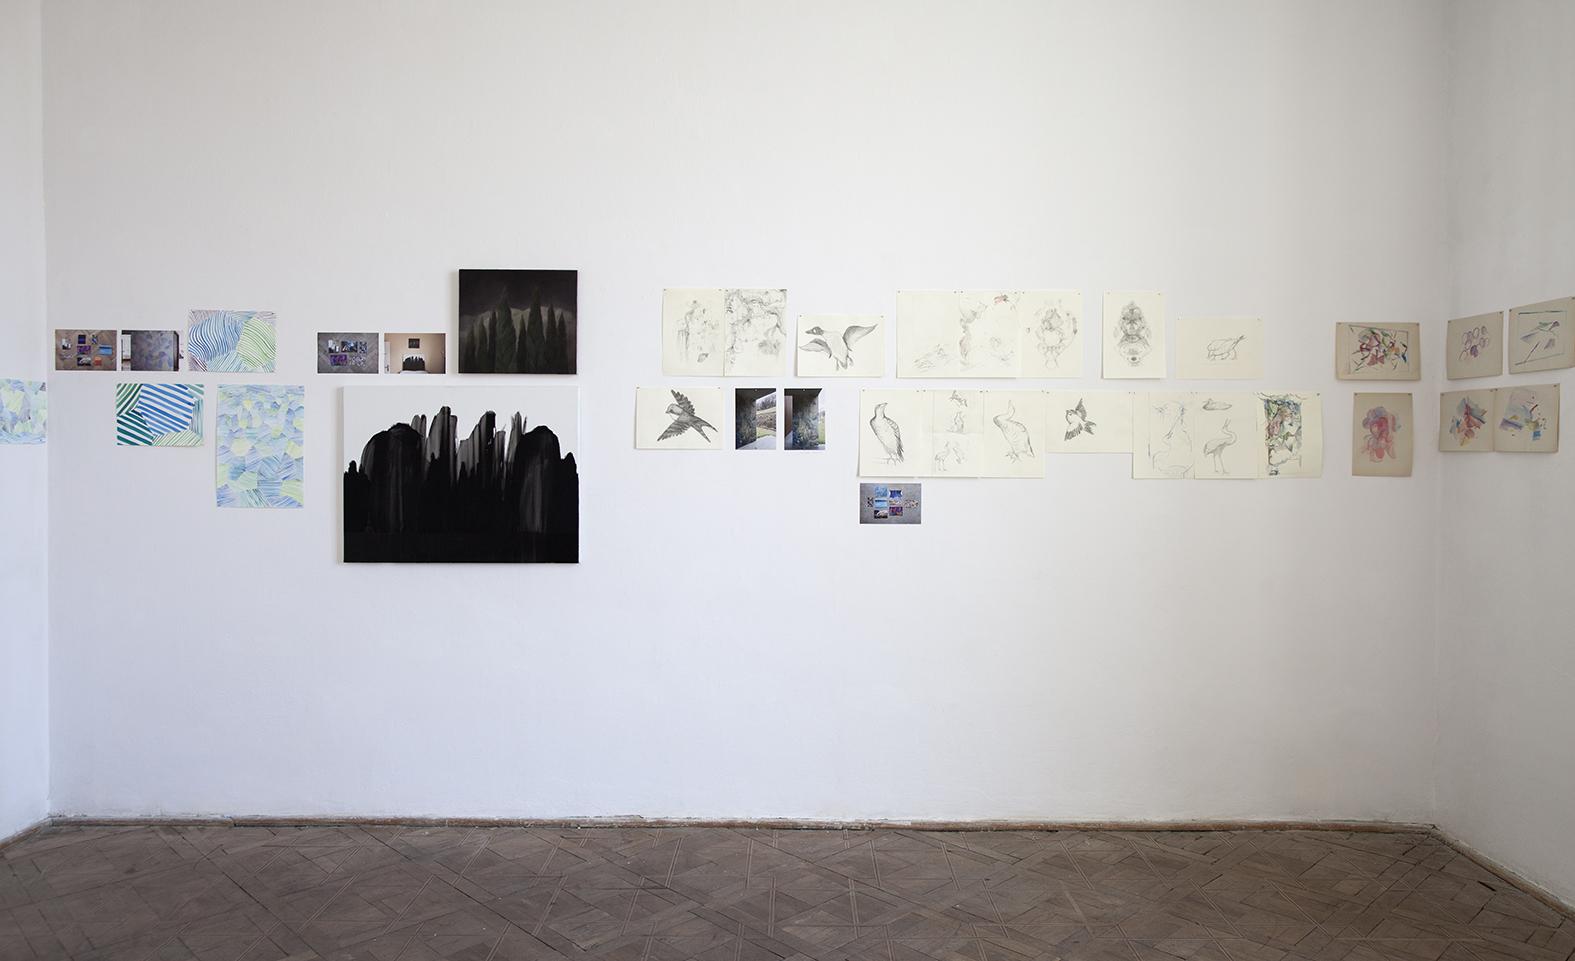 Szkice domurali orazdokumentacja projektu Aleksandy Czerniawskiej iAnny Panek